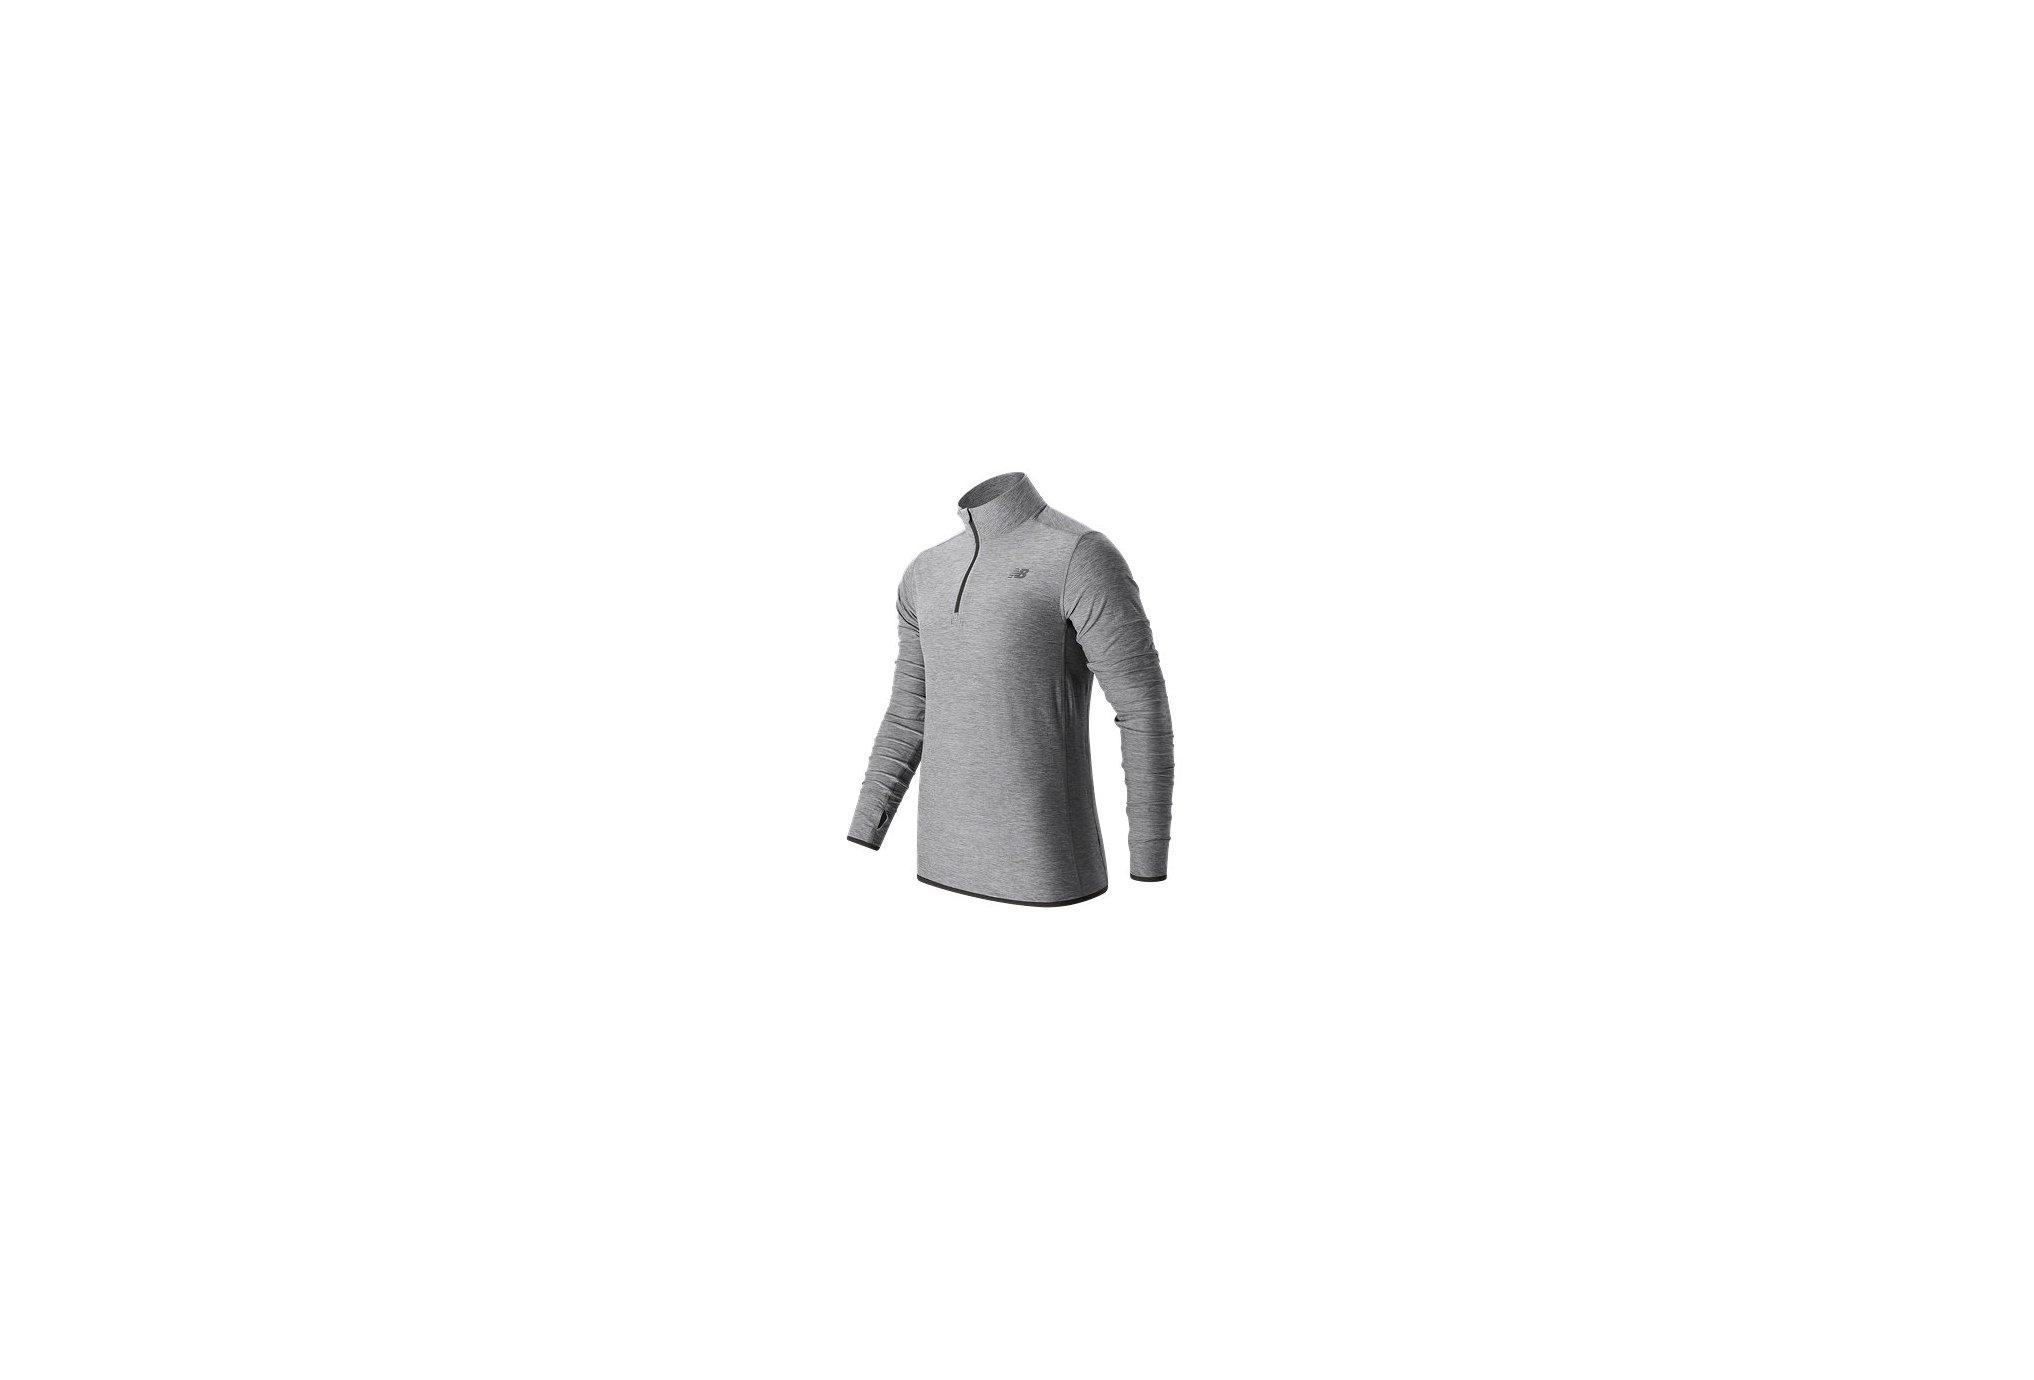 plus récent 2f279 ea3b6 La Fortifiée - New Balance Transit Quarter Zip M vêtement ...